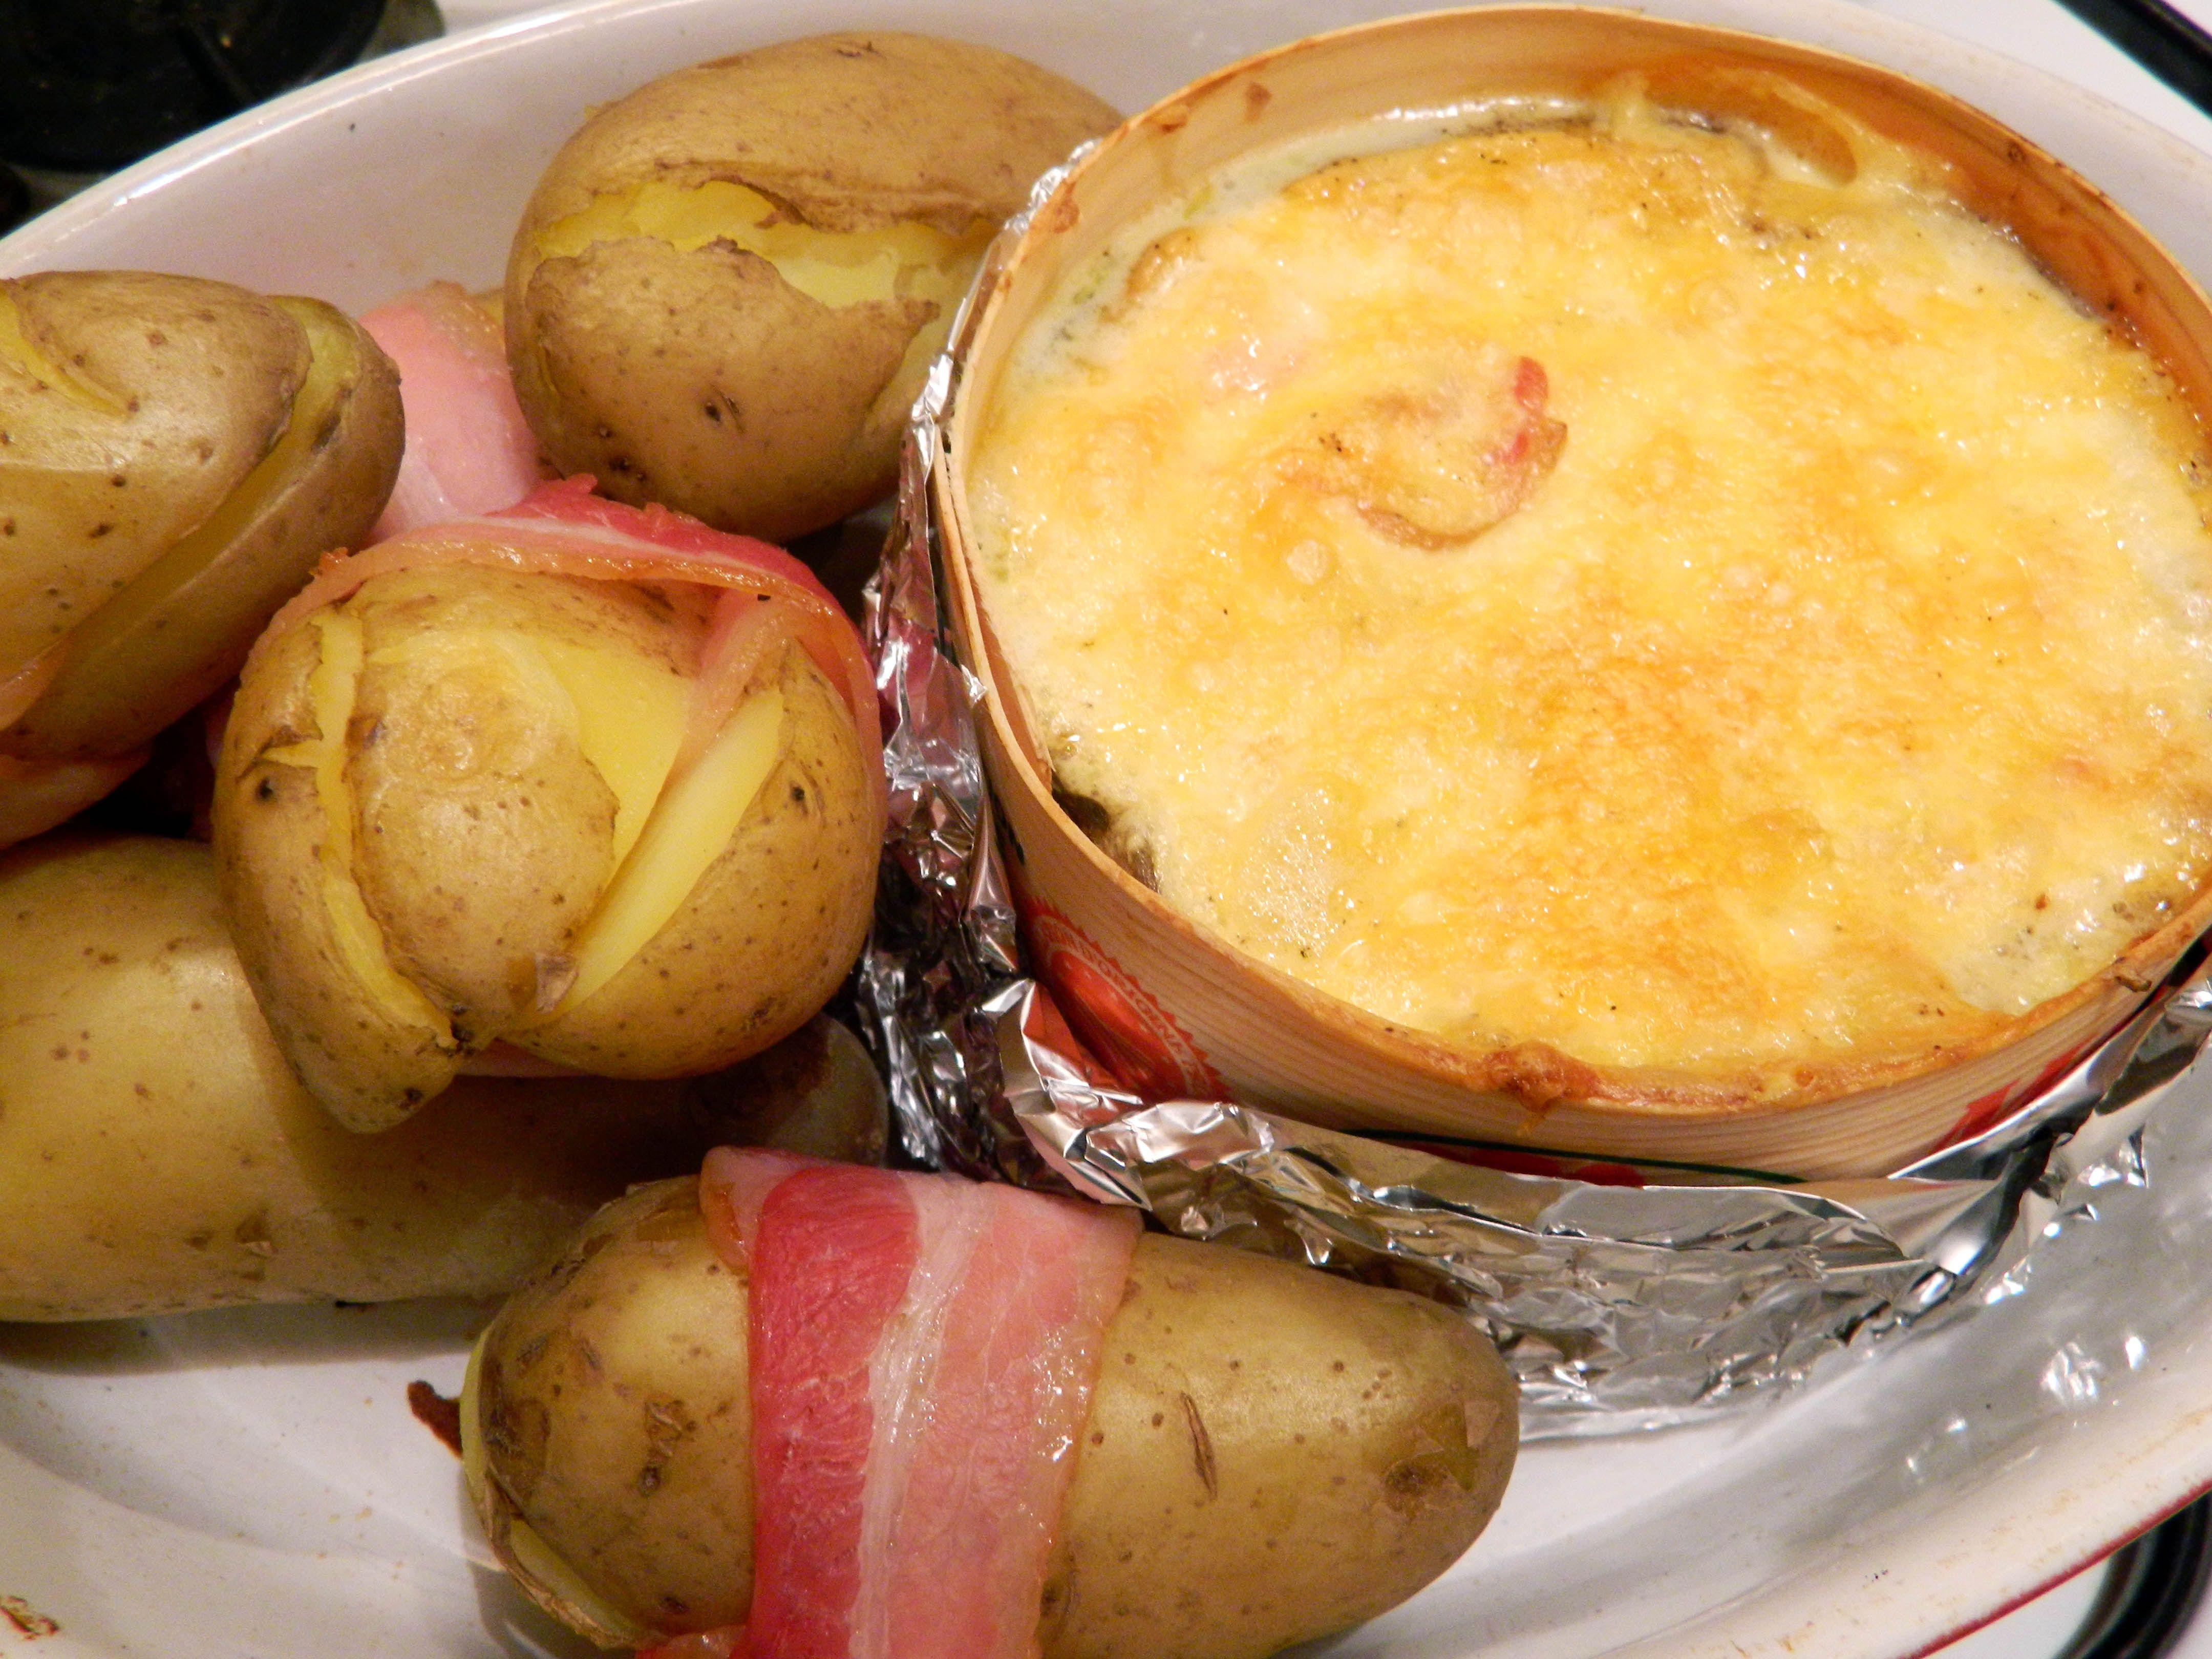 bo te chaude avec ses pommes de terre entour es de lard mmm montdor franchecomte fromage. Black Bedroom Furniture Sets. Home Design Ideas